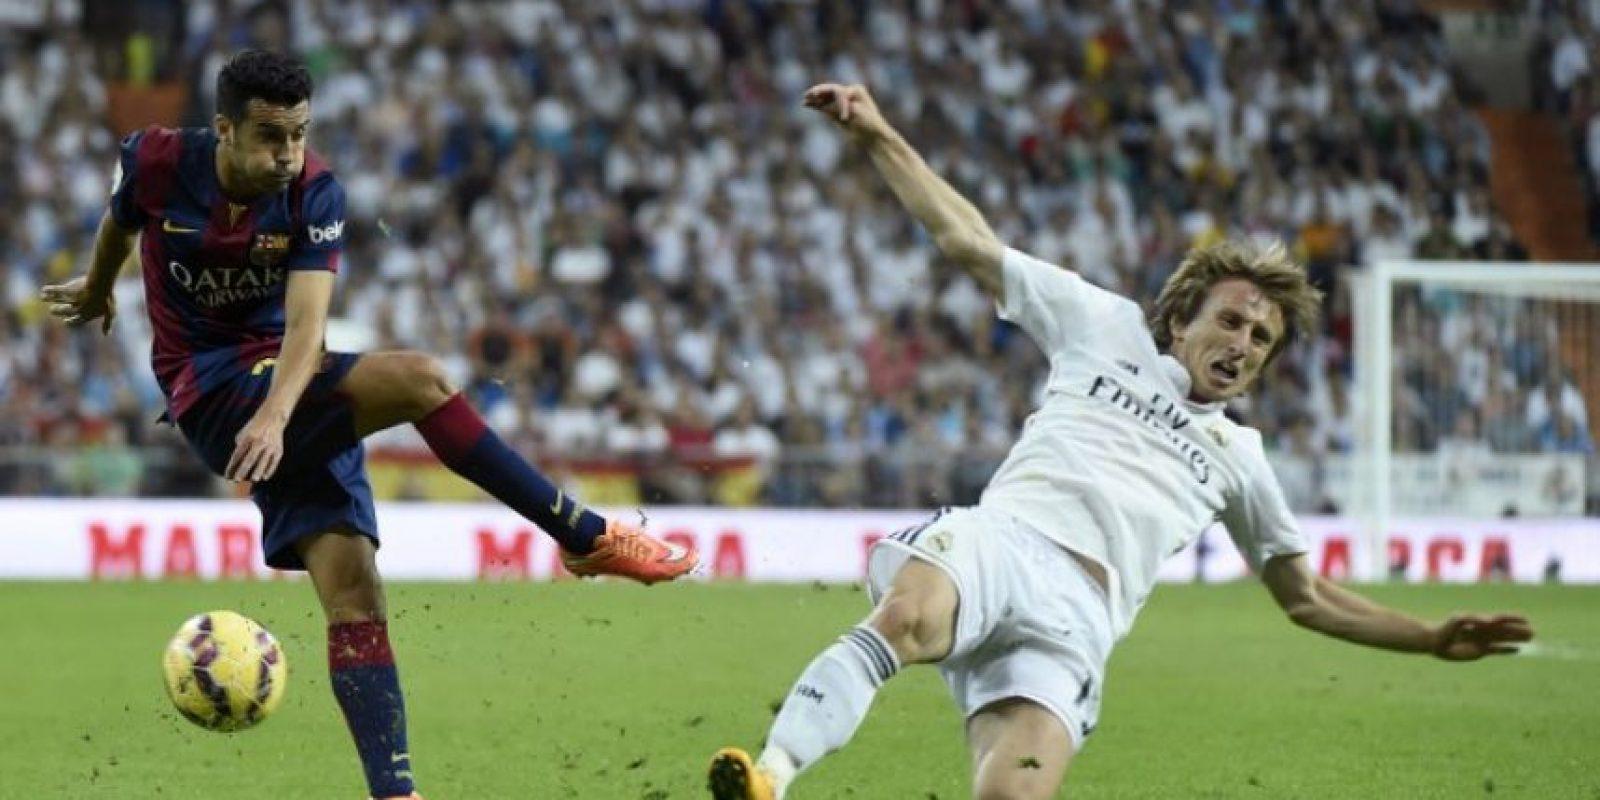 La historia entre el Barcelona y el Madrid ha tenido varios episodios de drama para ambos lados. Foto:AFP